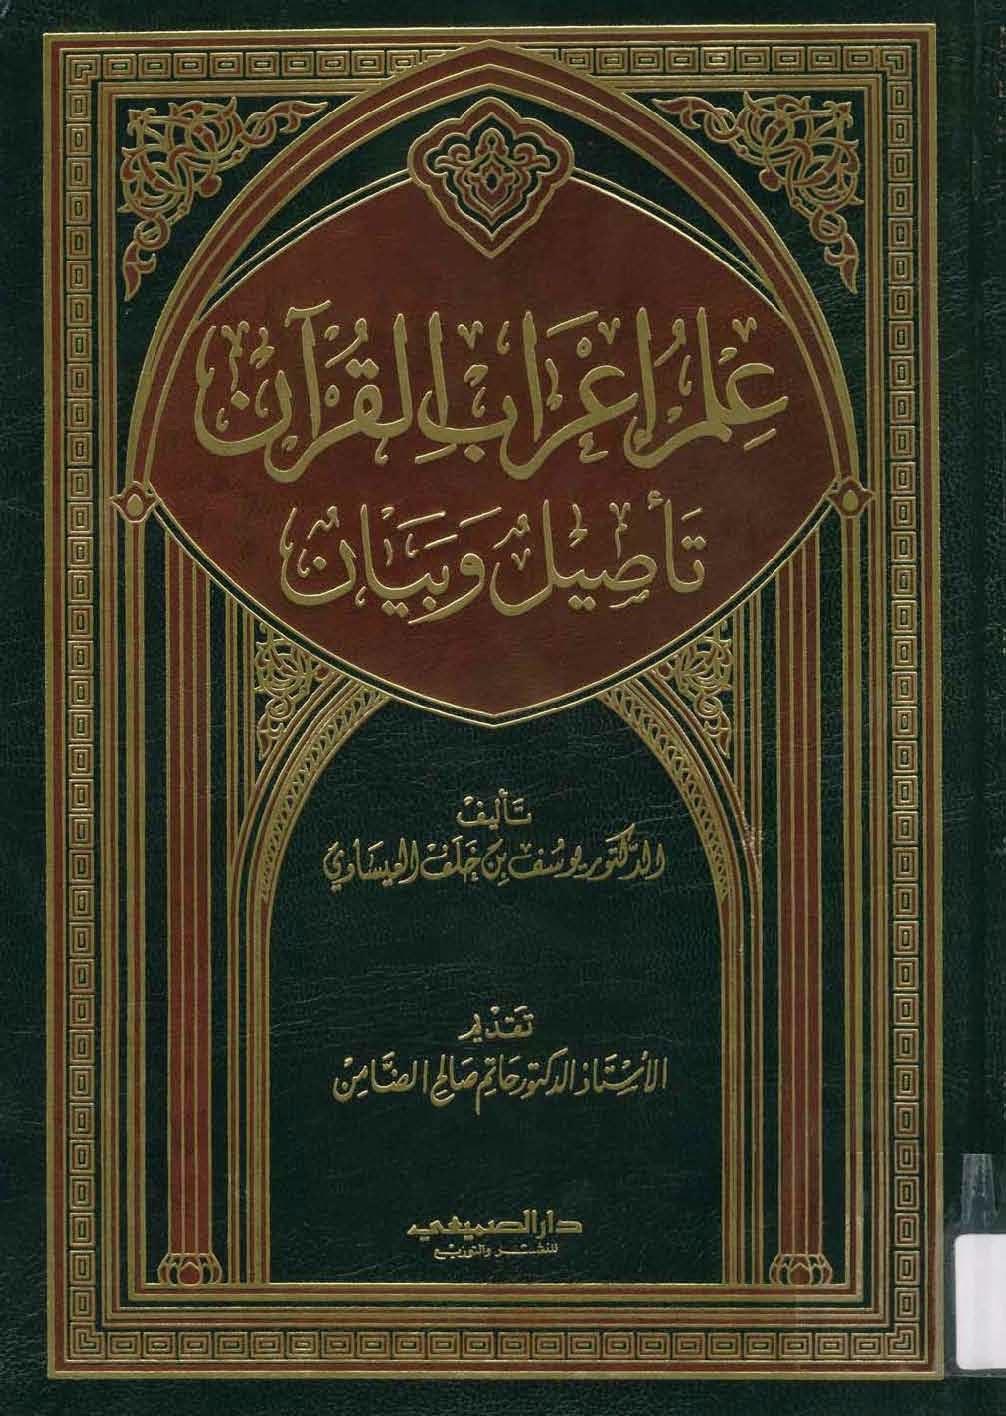 علم إعراب القرآن تأصيل وبيان - يوسف العيساوي pdf